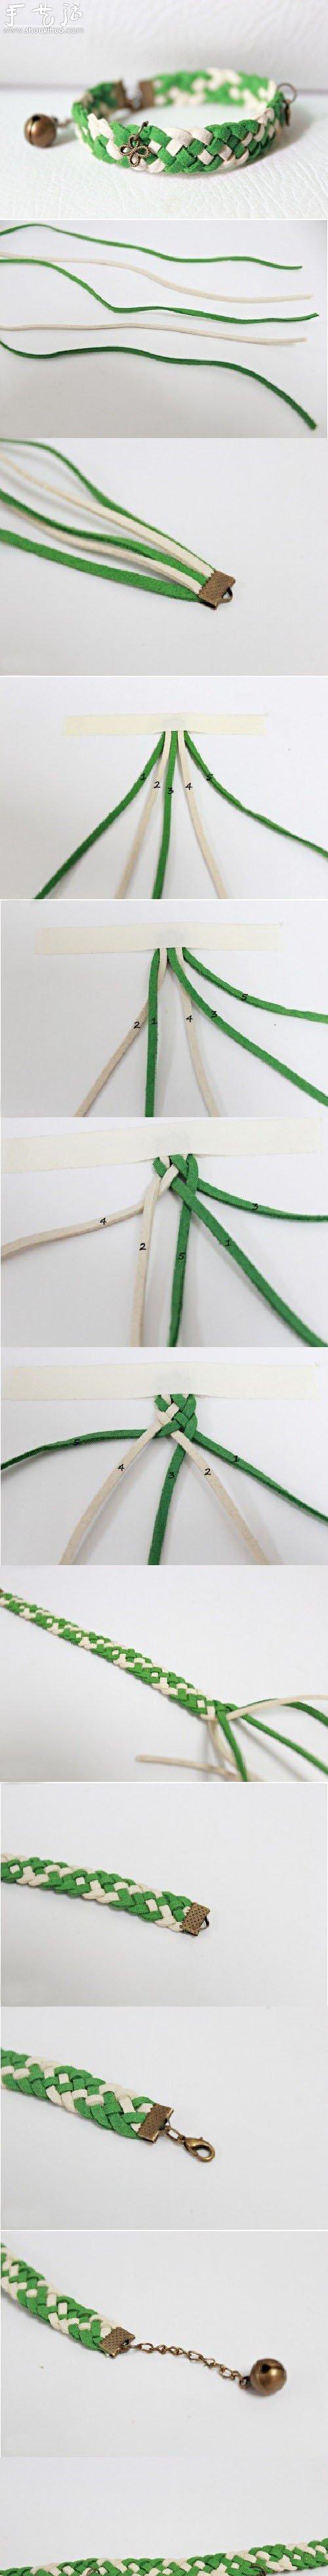 清新綠色手鏈的編織教程